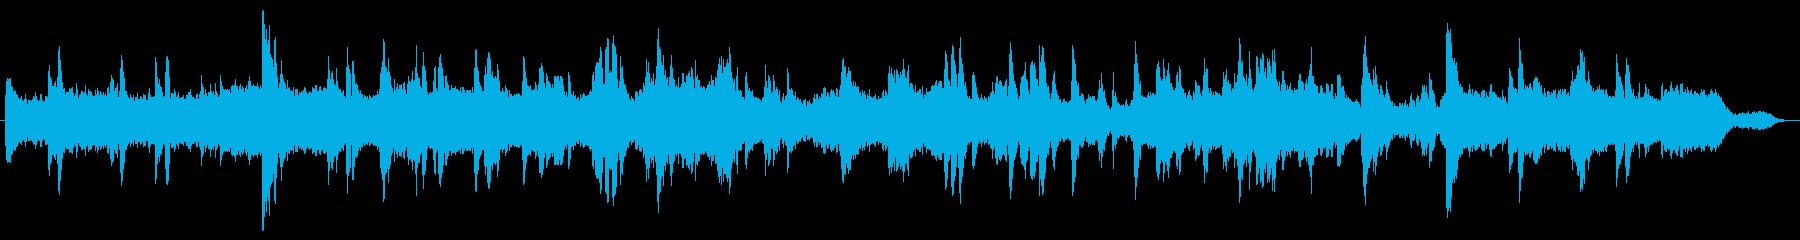 爽やかな音色がリラックス効果を発揮しますの再生済みの波形